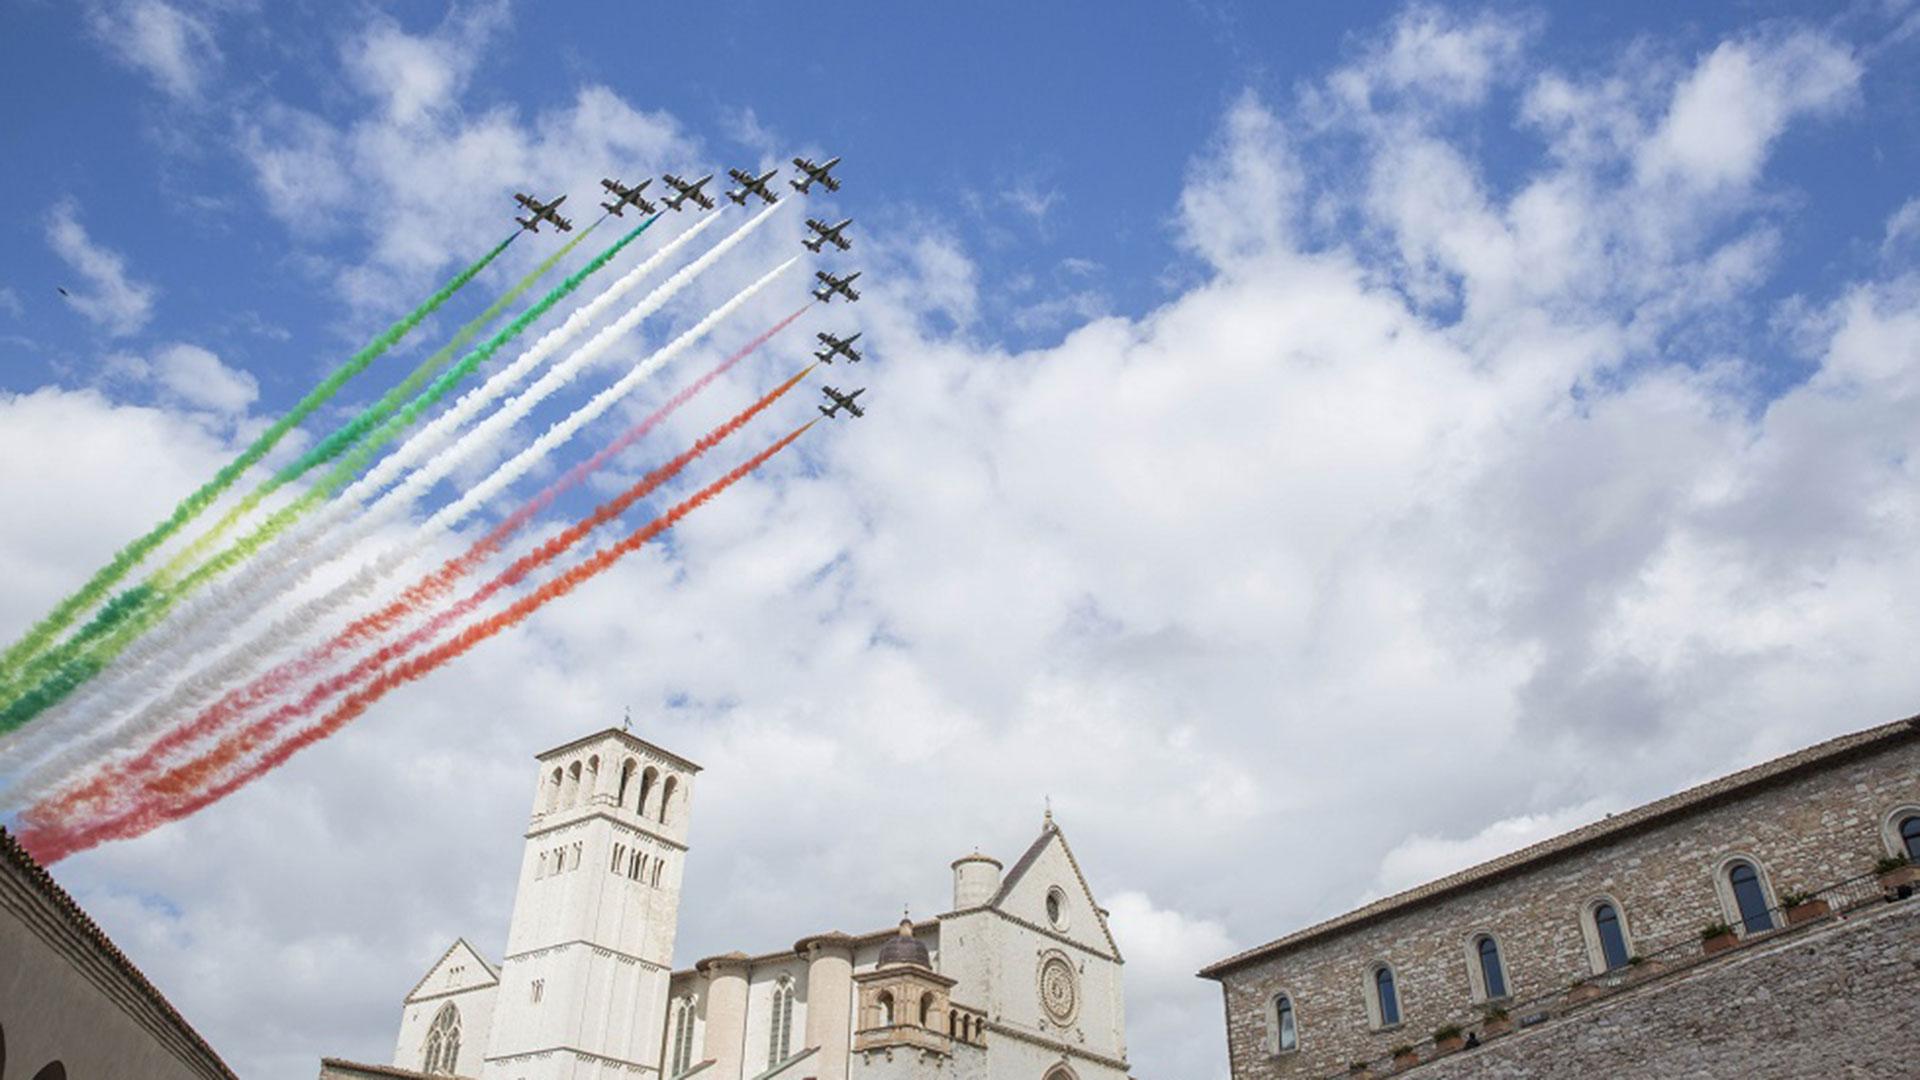 frecce-tricolori-60-anni-pan-pattuglia-acrobatica-nazionale-aeronautica-militare-(12)